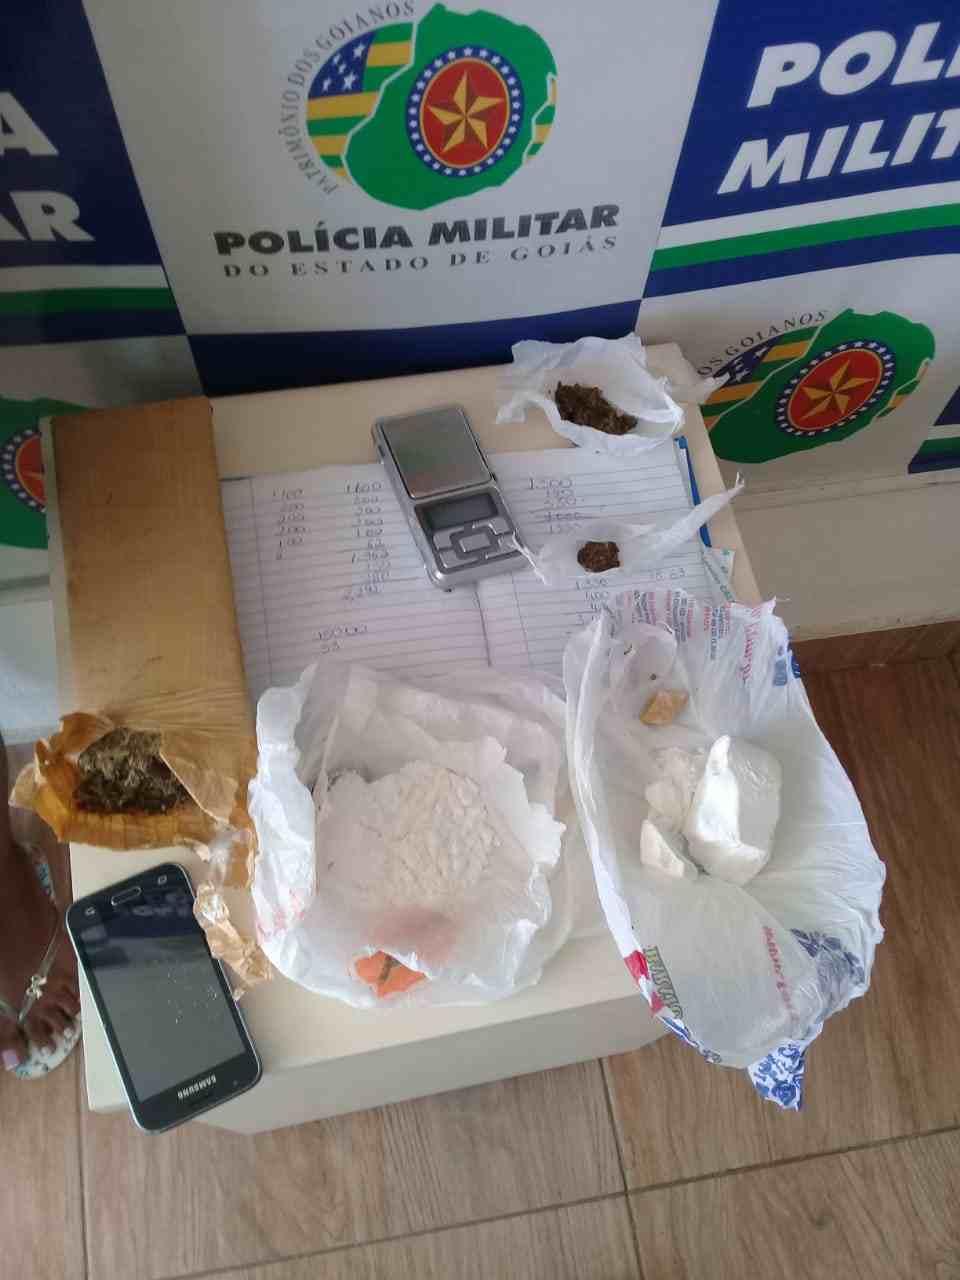 Segundo o autor do crime, motivação do assassinato seria por causa de ameaças da vítima | Foto: Divulgação